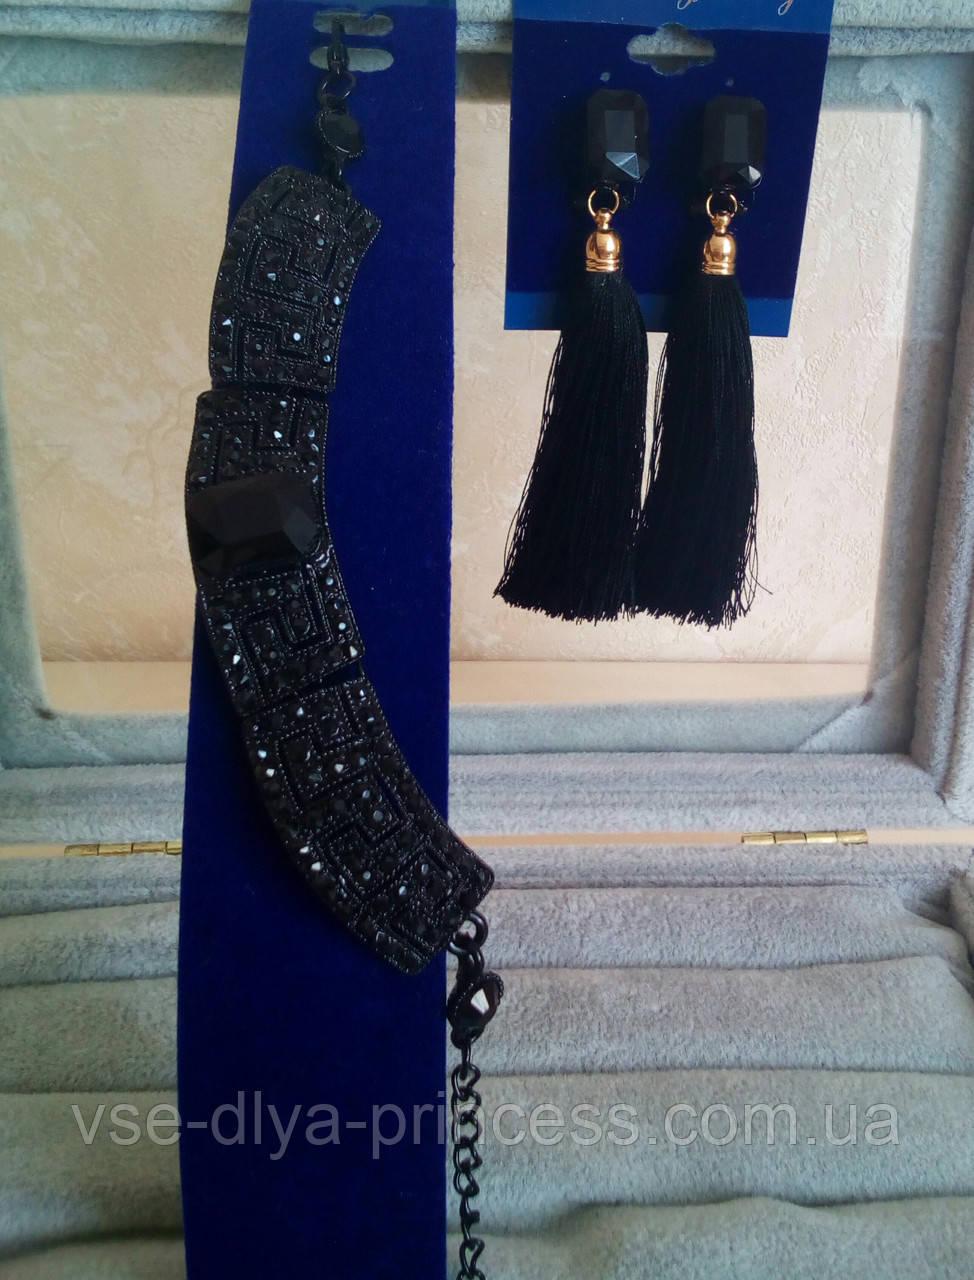 Комплект подовжені сережки - пензлики з чорними каменями і браслет, висота 9 див.